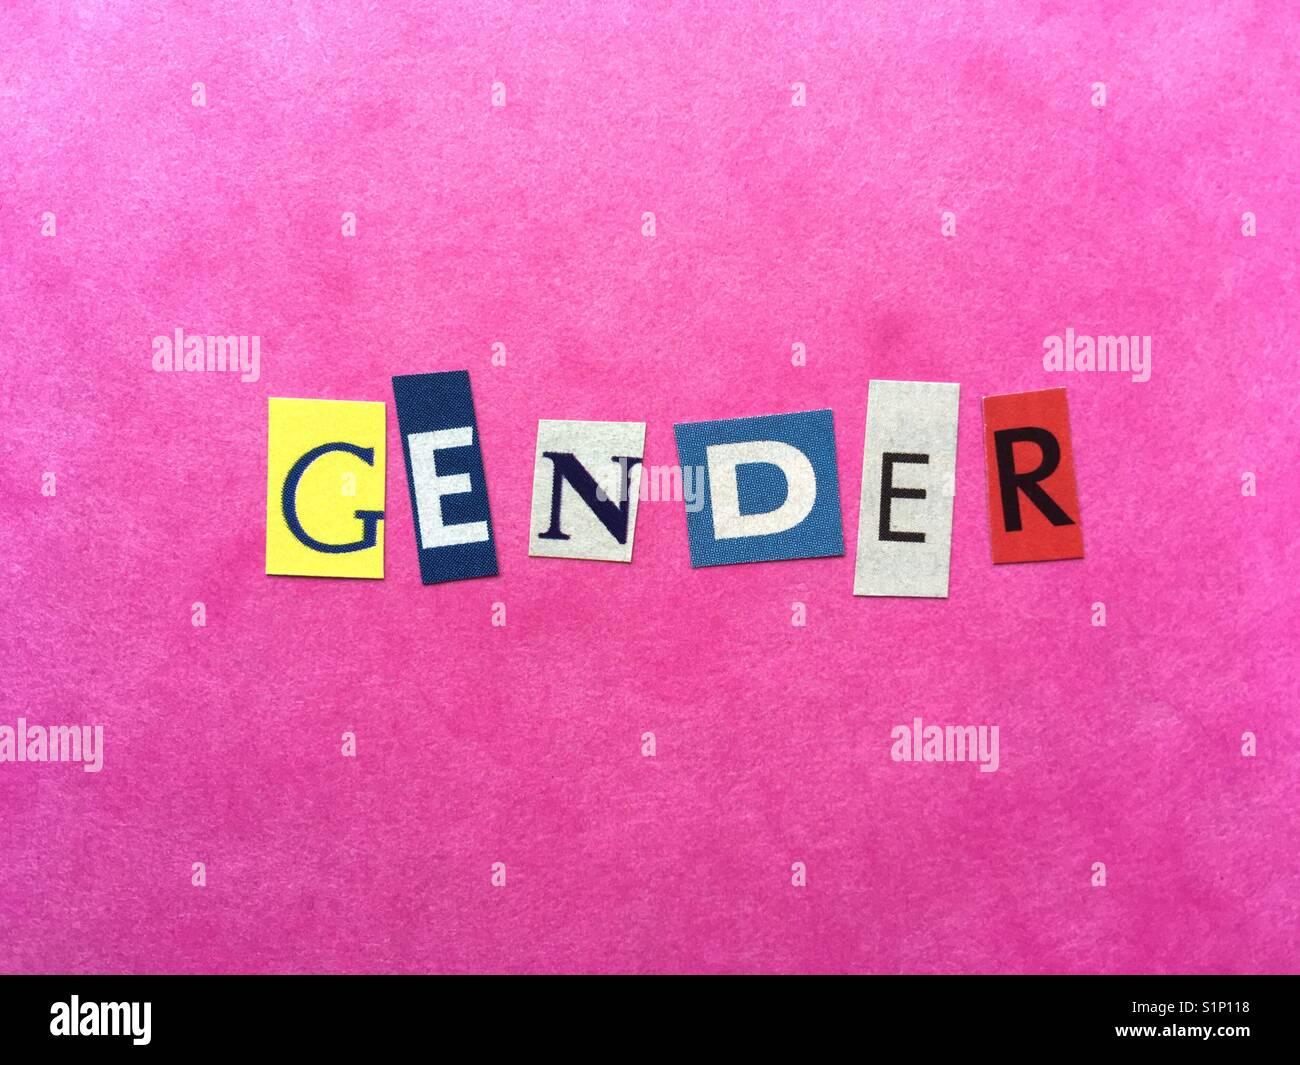 Género Imagen De Stock